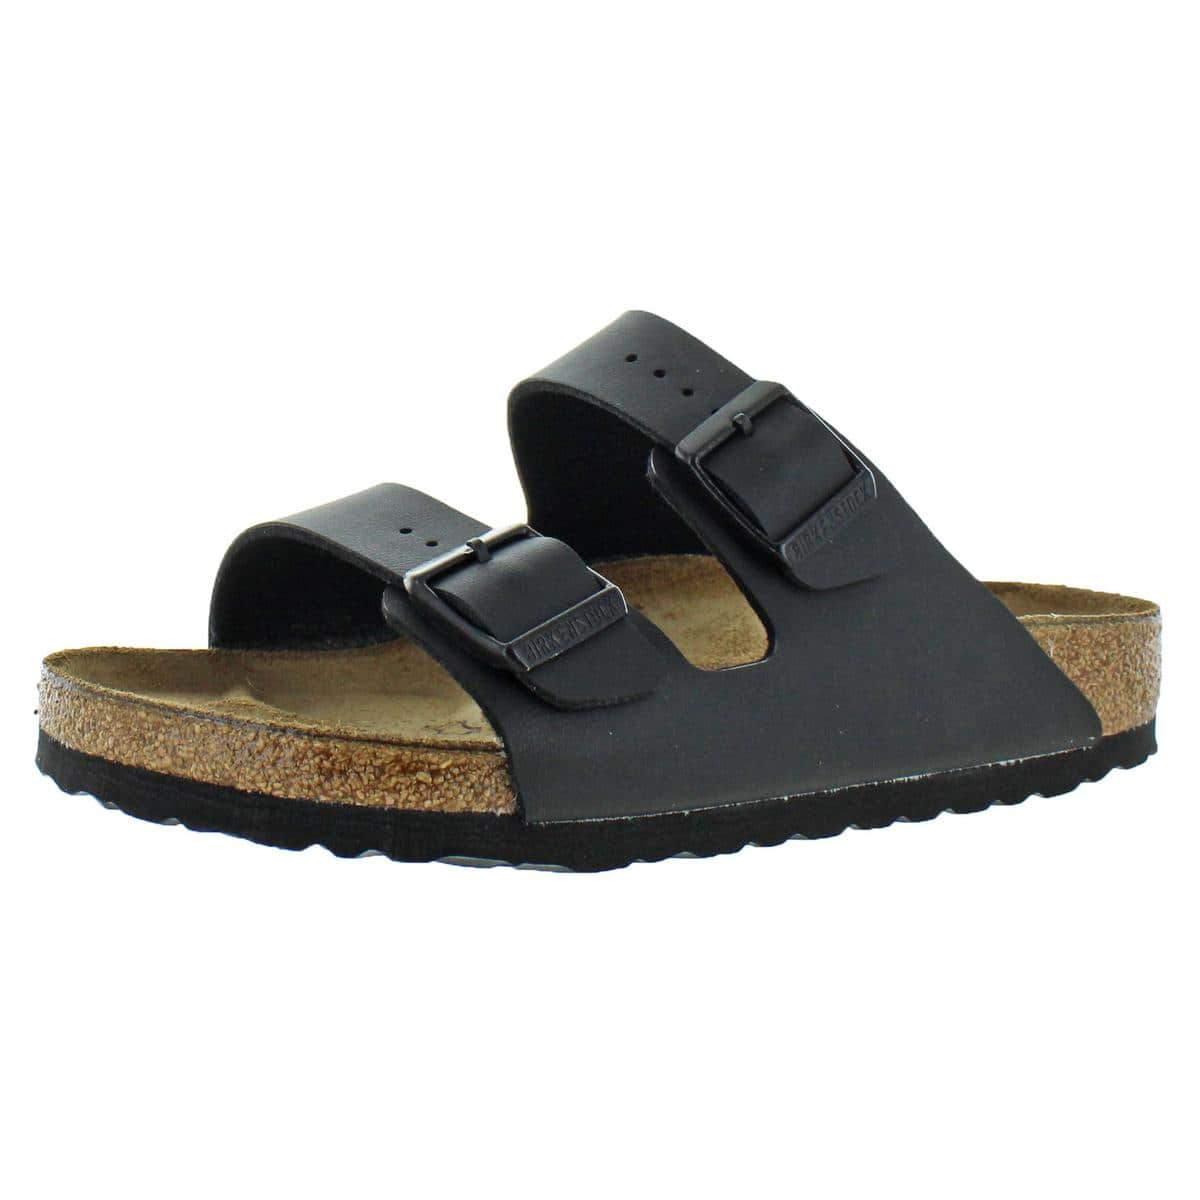 Birkenstock Women's Arizona Double Buckle Cork Sandals : $63.99 AC + FS (Other Birkenstock Types Available)